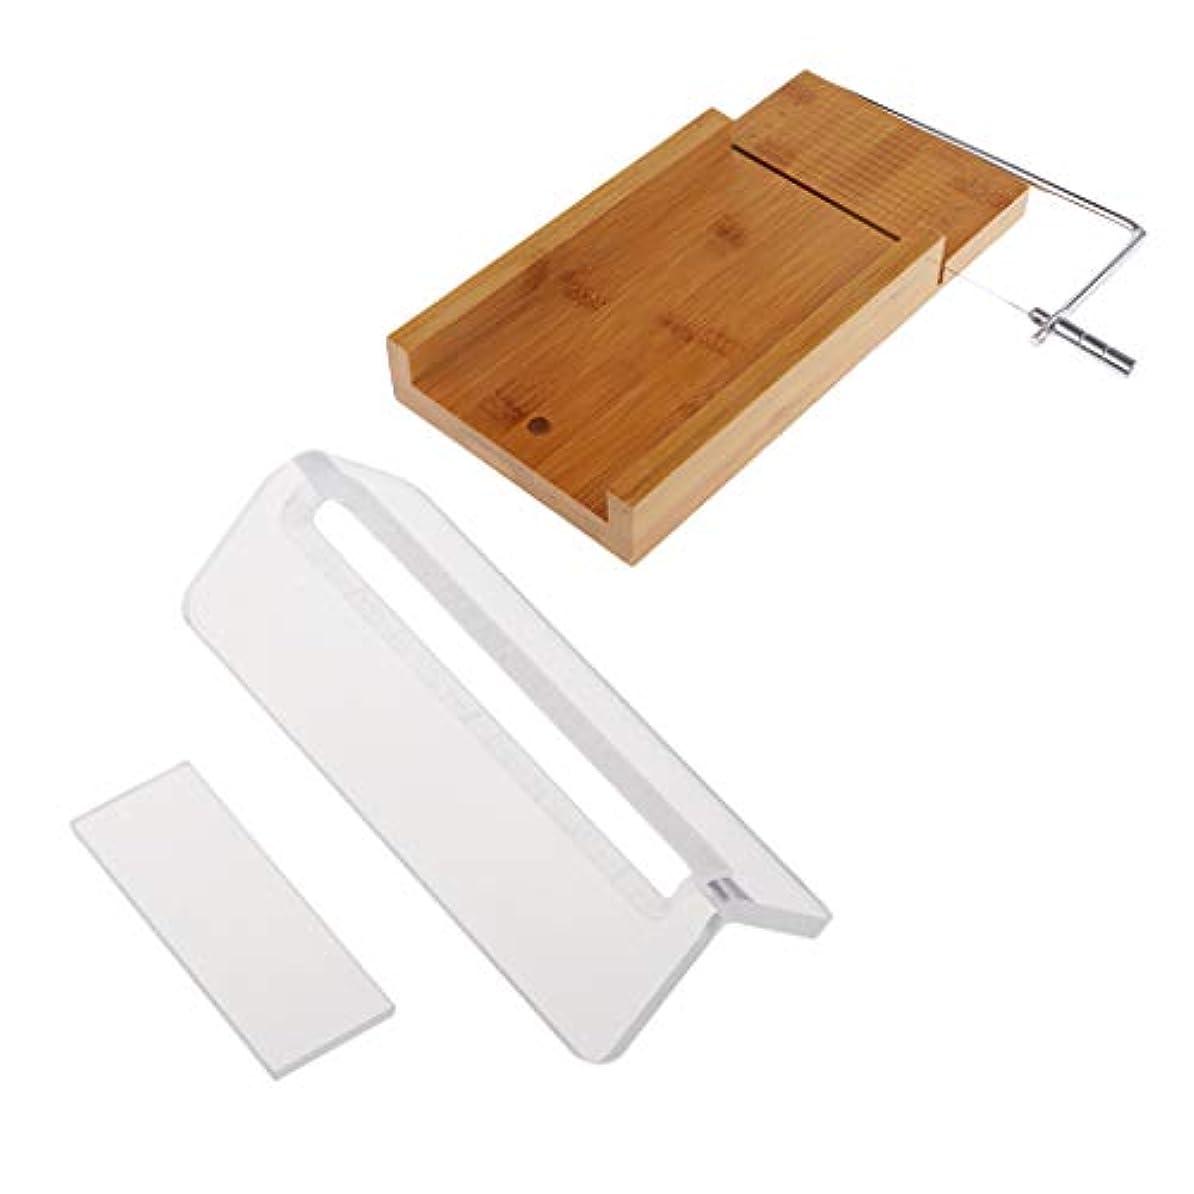 ピアニスト治安判事支店ローフカッター 木製 ソープ包丁 石鹸カッター 手作り石鹸 DIY キッチン用品 2個入り